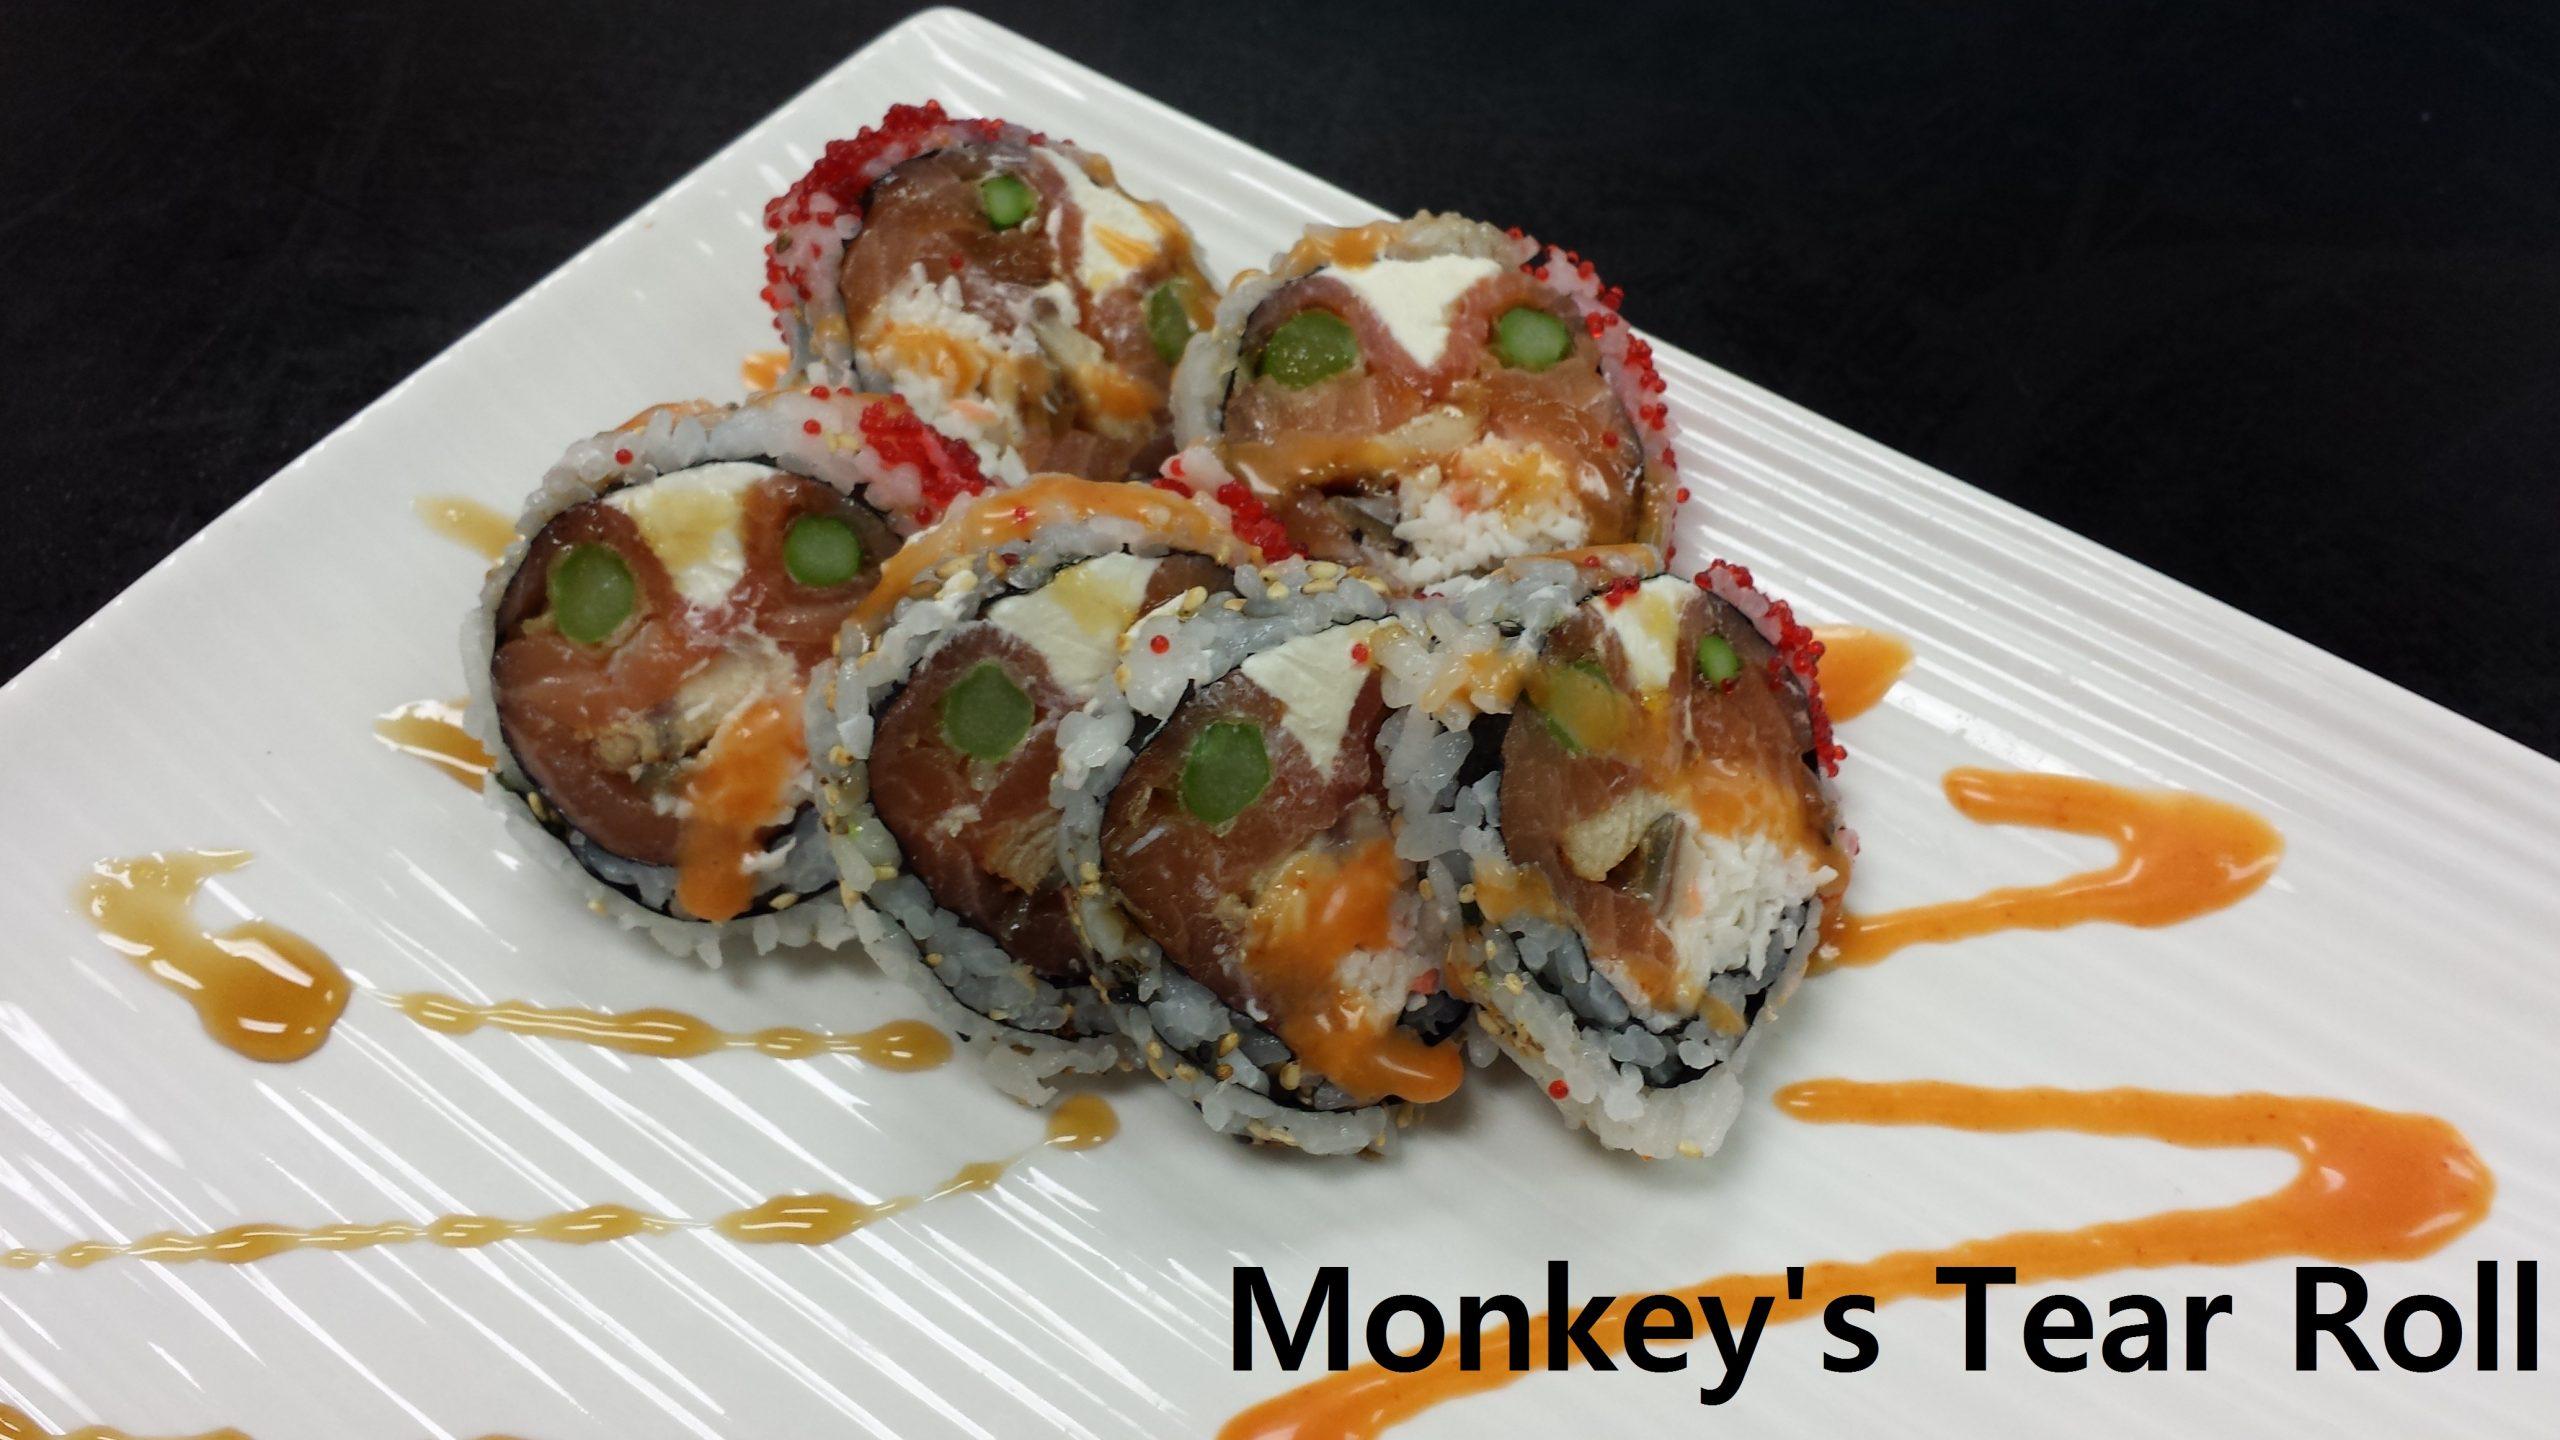 Monkey's Tear Roll